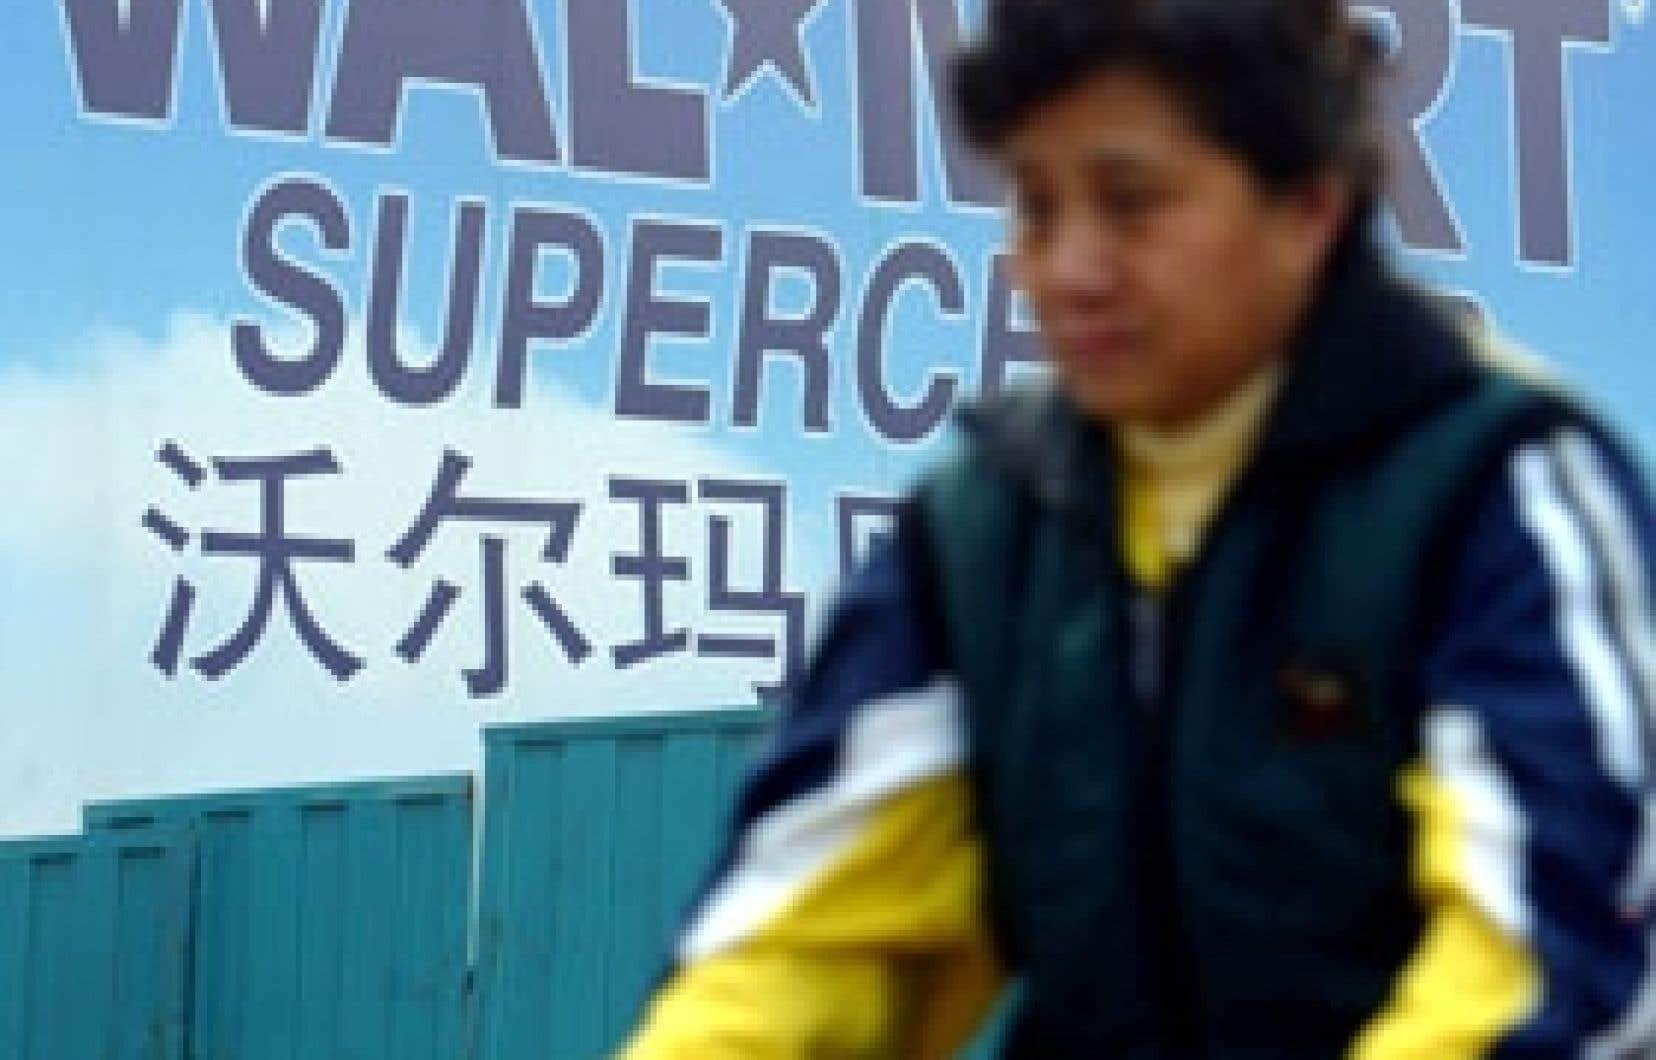 La All-China Federation of Trade Unions a réussi à syndiquer les employés de Wal-Mart dans ce pays.